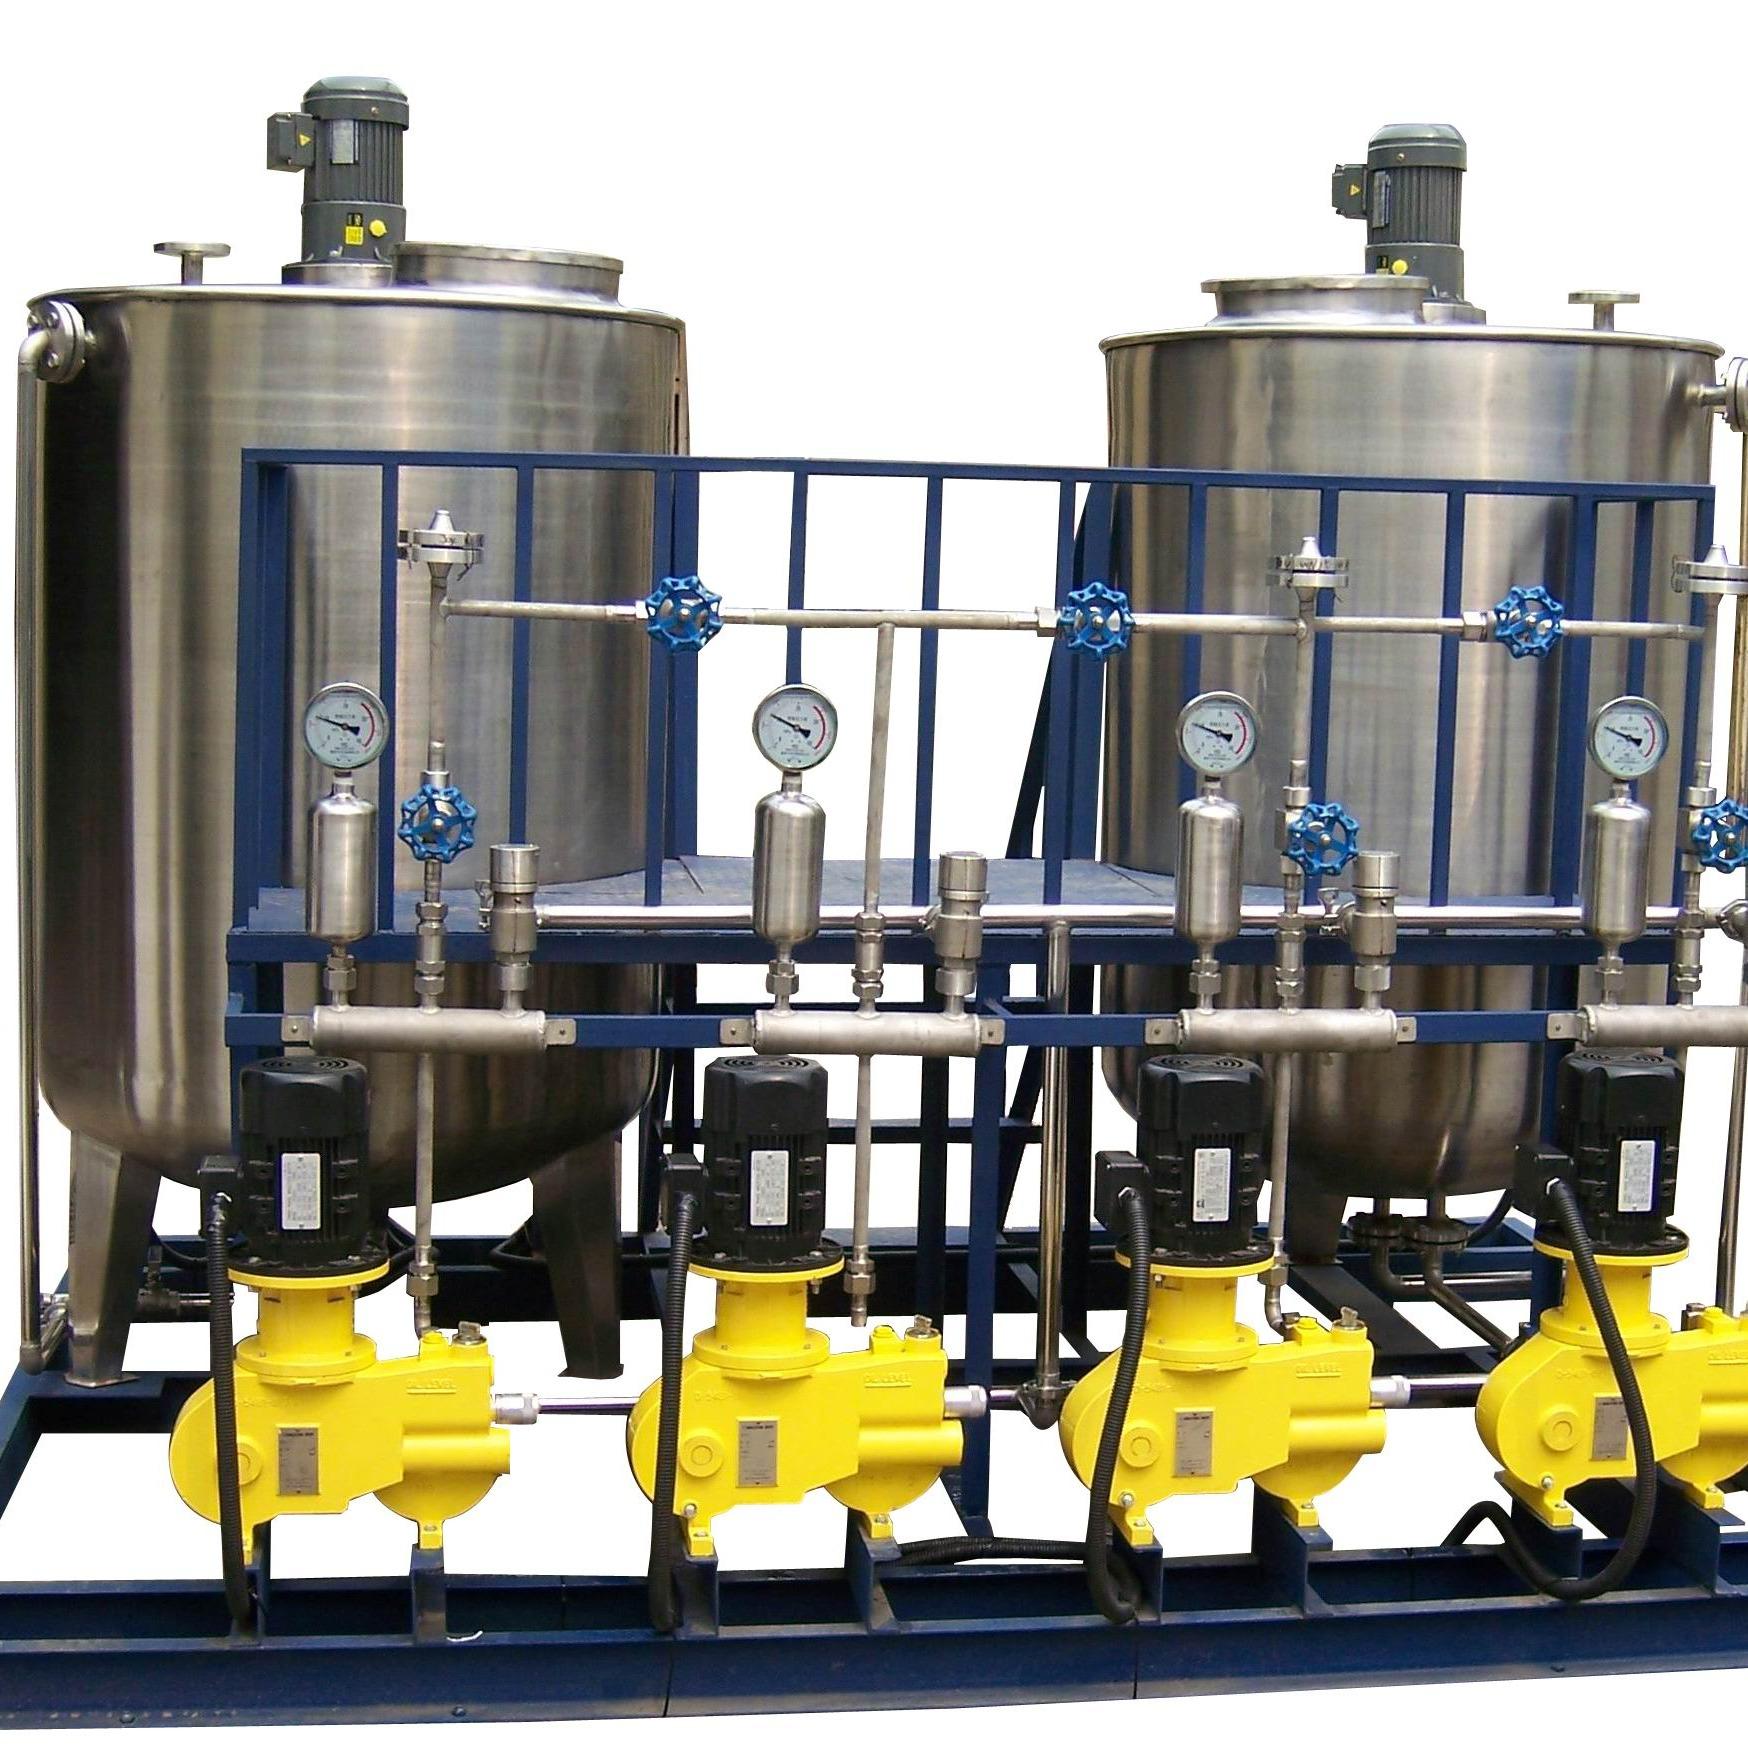 锅炉加药装置,除氧器加药装置,软化水加药装置,自动加药装置厂家